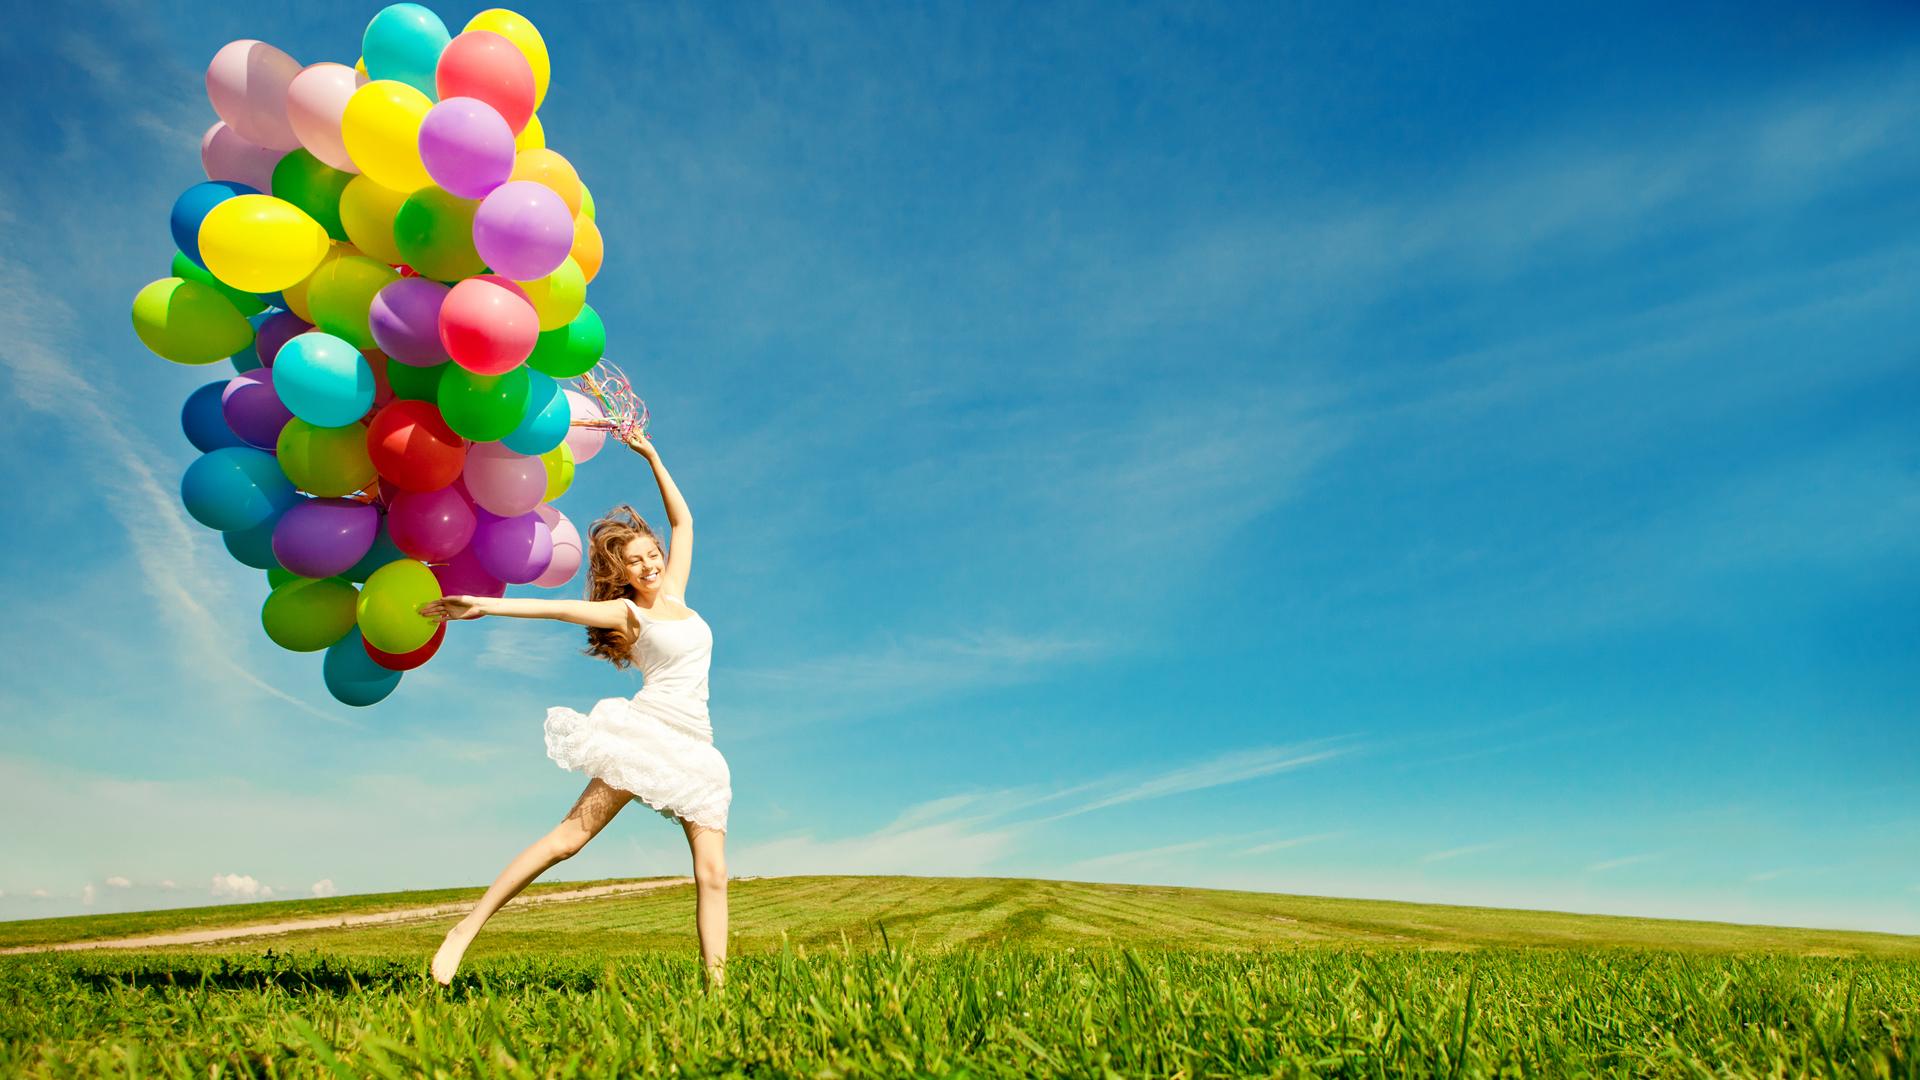 Encontrar la felicidad todos los días en cualquier cosa que realices es la clave para una buena vida(Shutterstock)